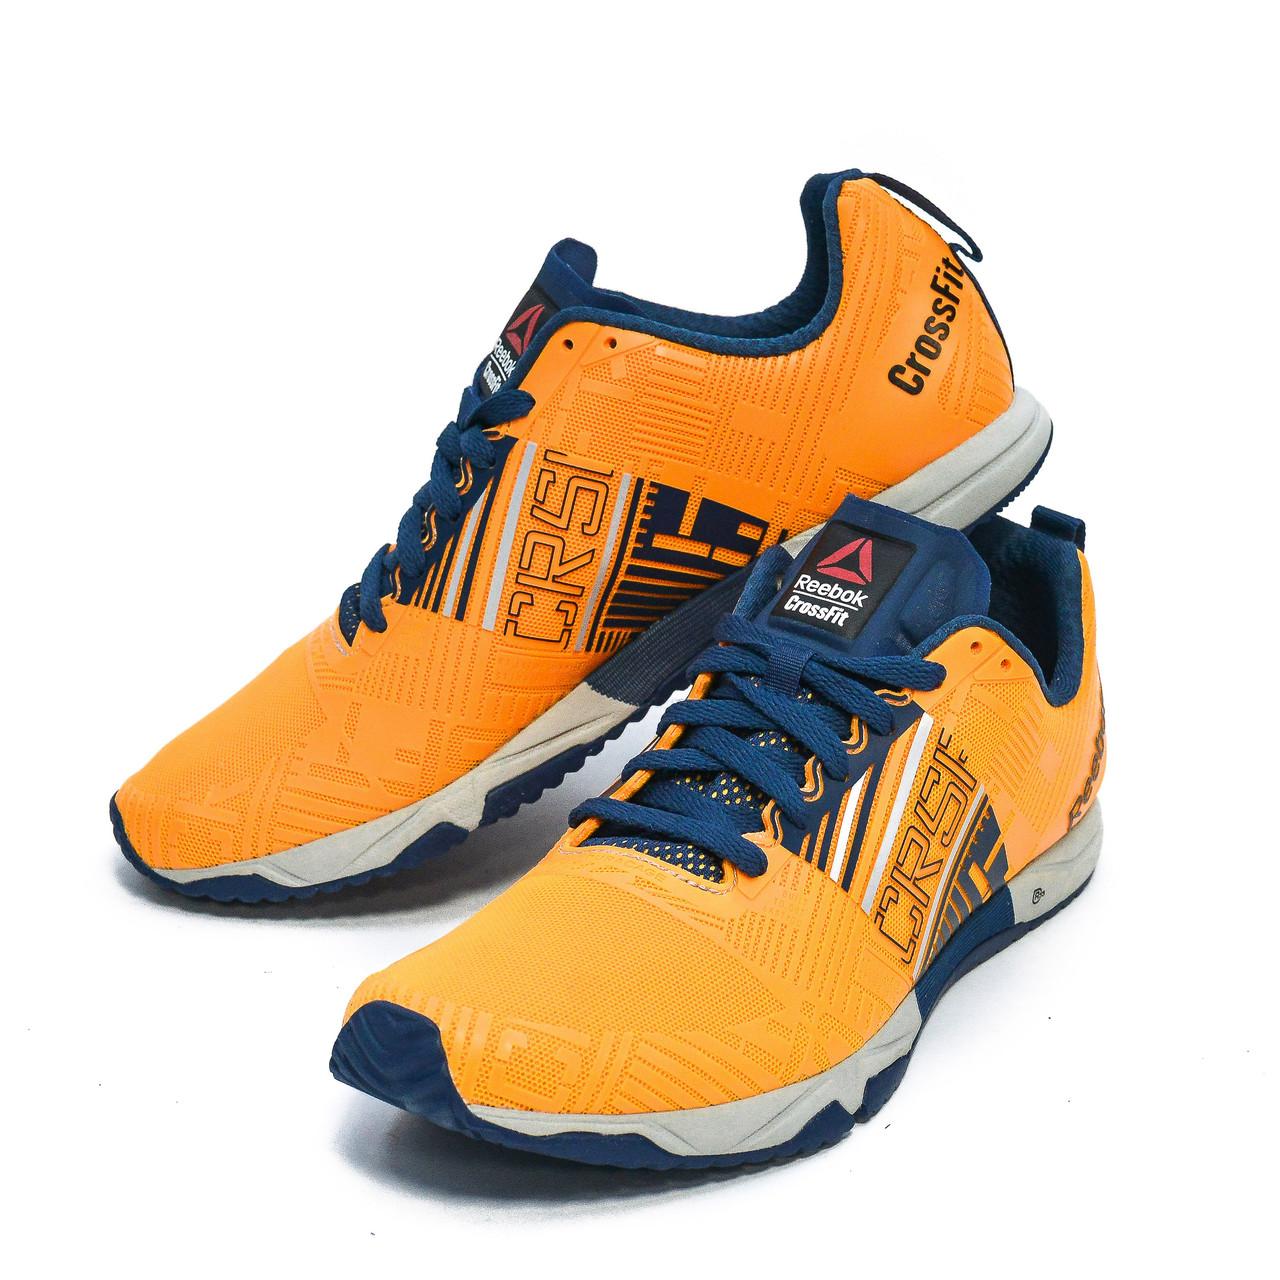 Оригинальные мужские кроссовки Reebok Crossfit Sprint 2.0